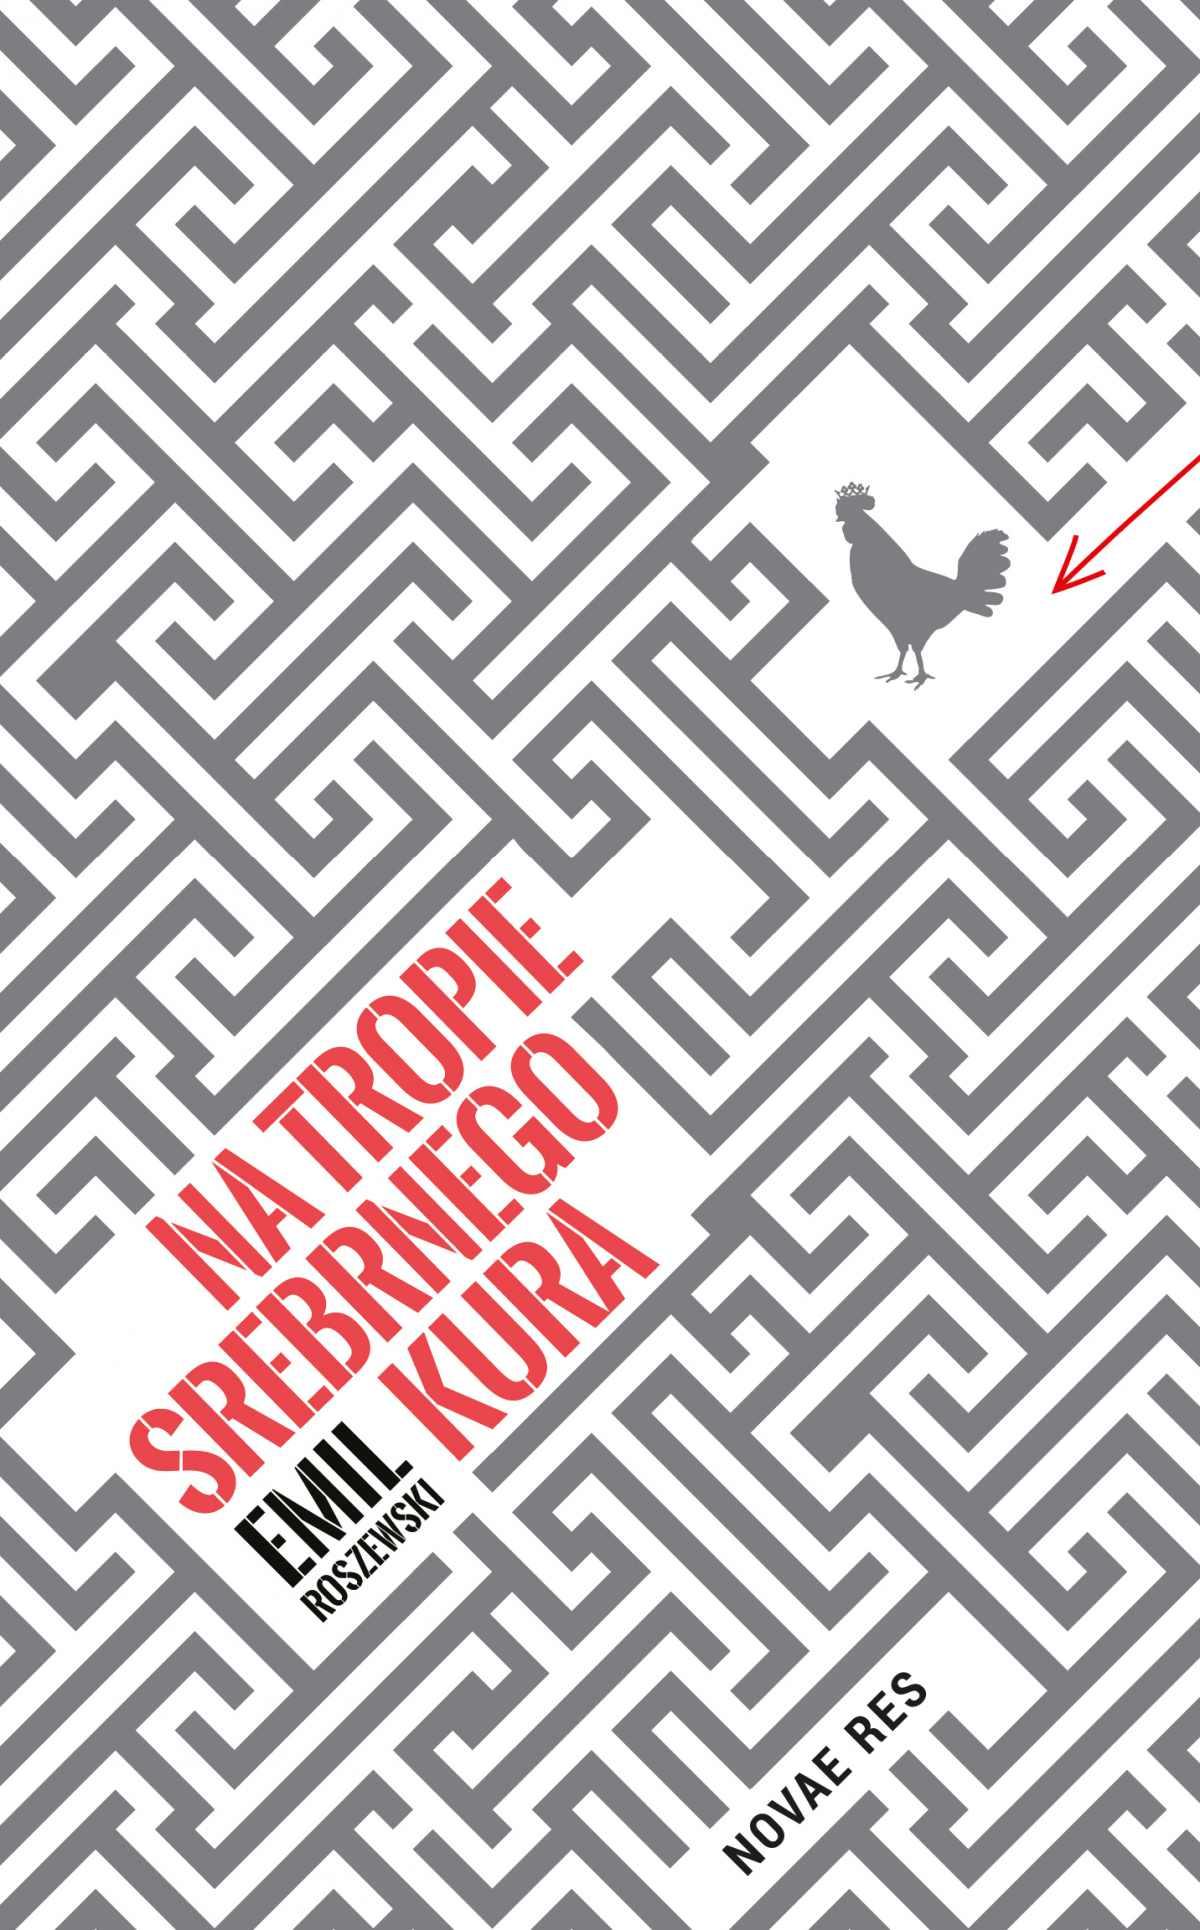 Na tropie srebrnego kura - Ebook (Książka EPUB) do pobrania w formacie EPUB